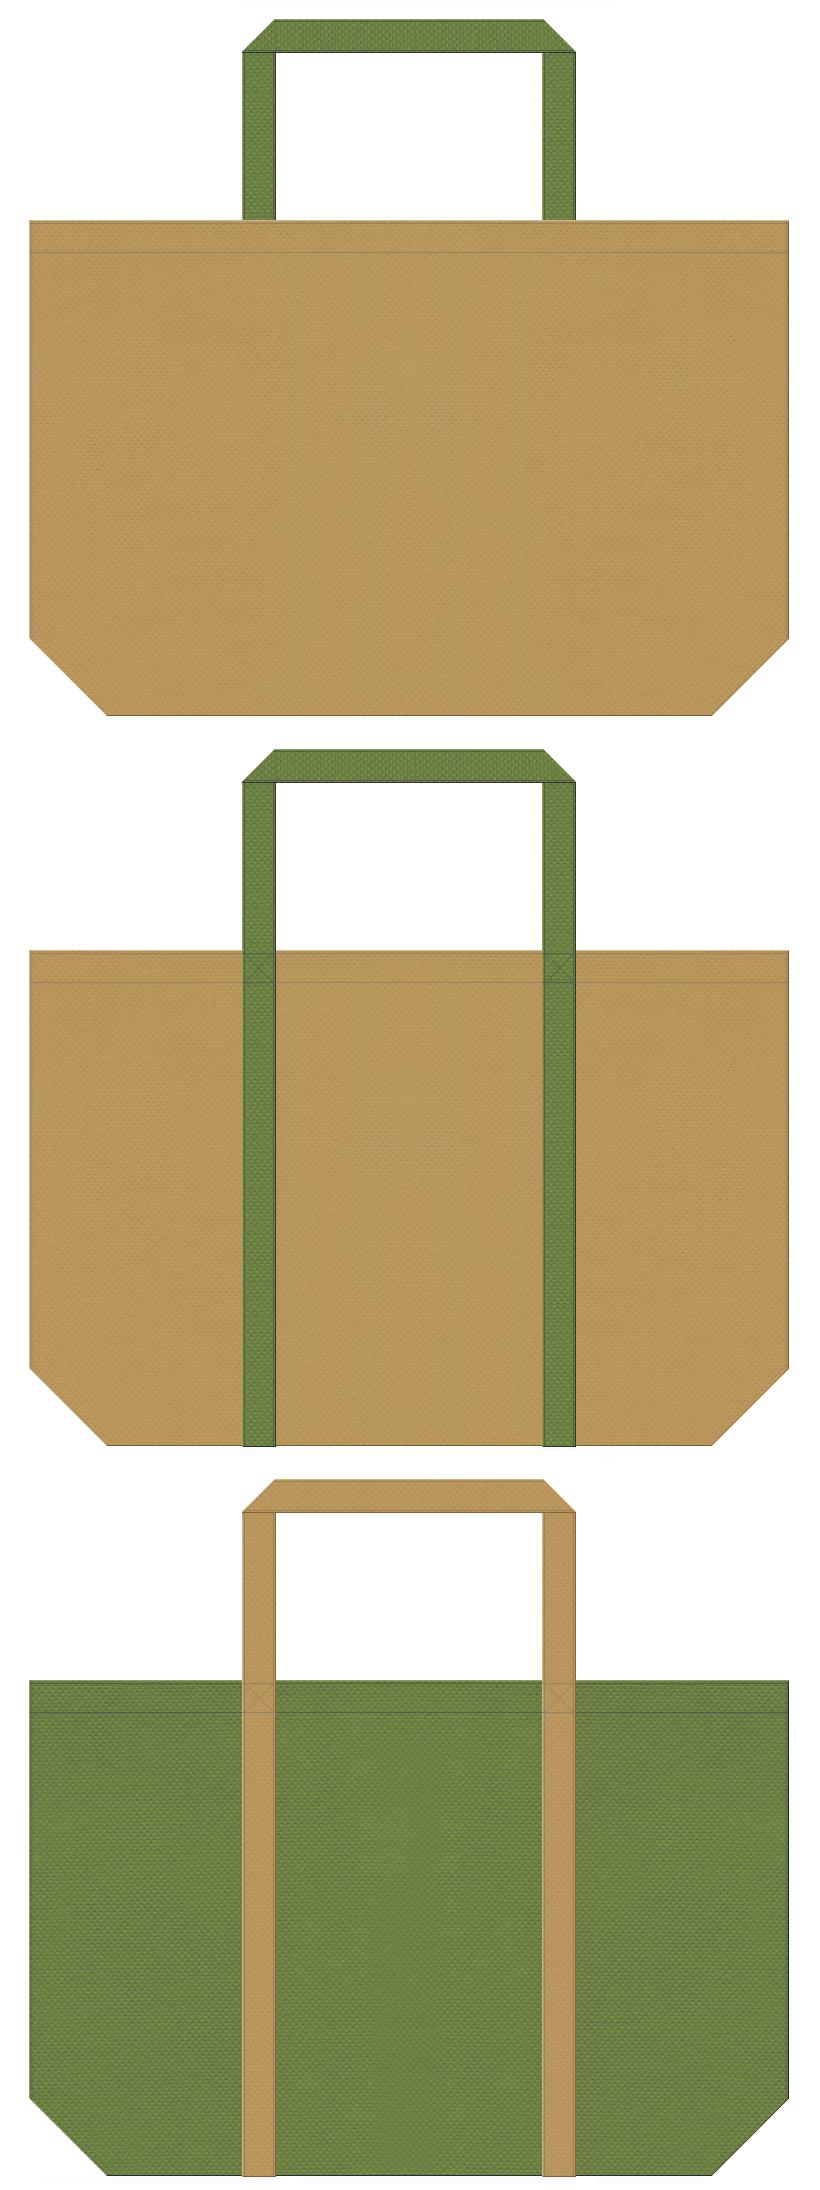 金色系黄土色と草色の不織布バッグデザイン。民芸品・伝統工芸品のショッピングバッグや和風柄にお奨めです。